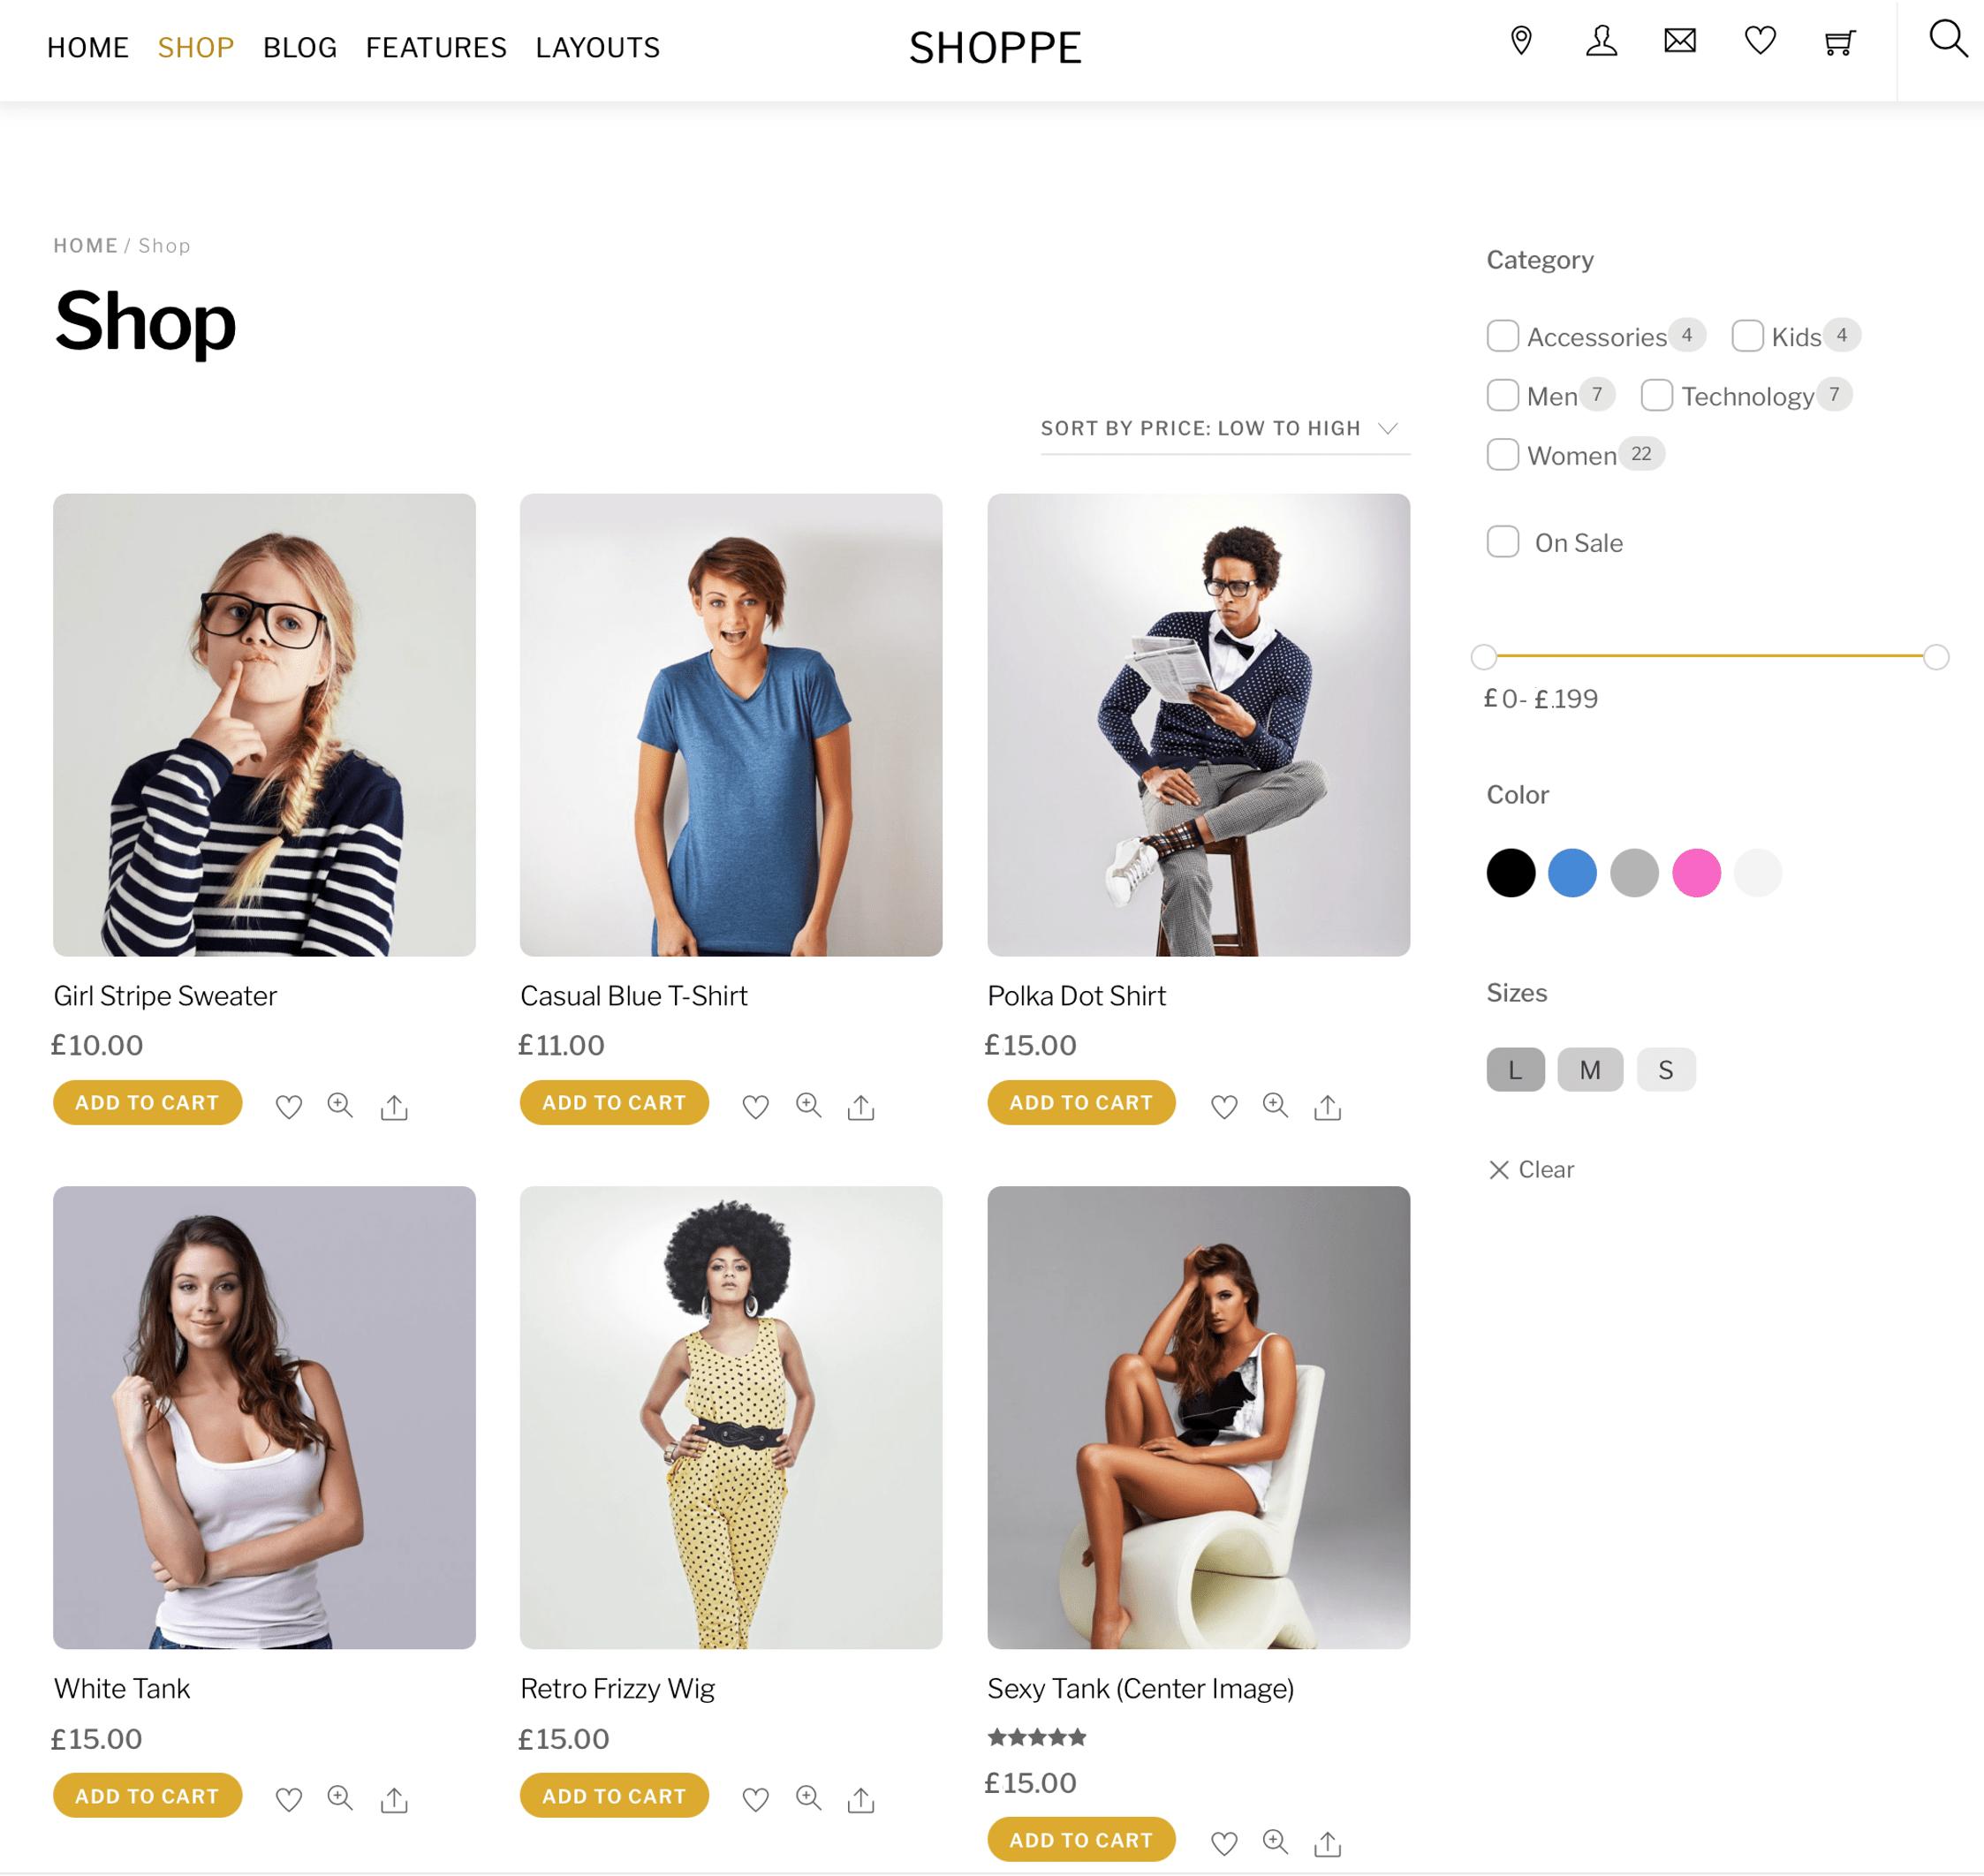 Fashion retailer website design